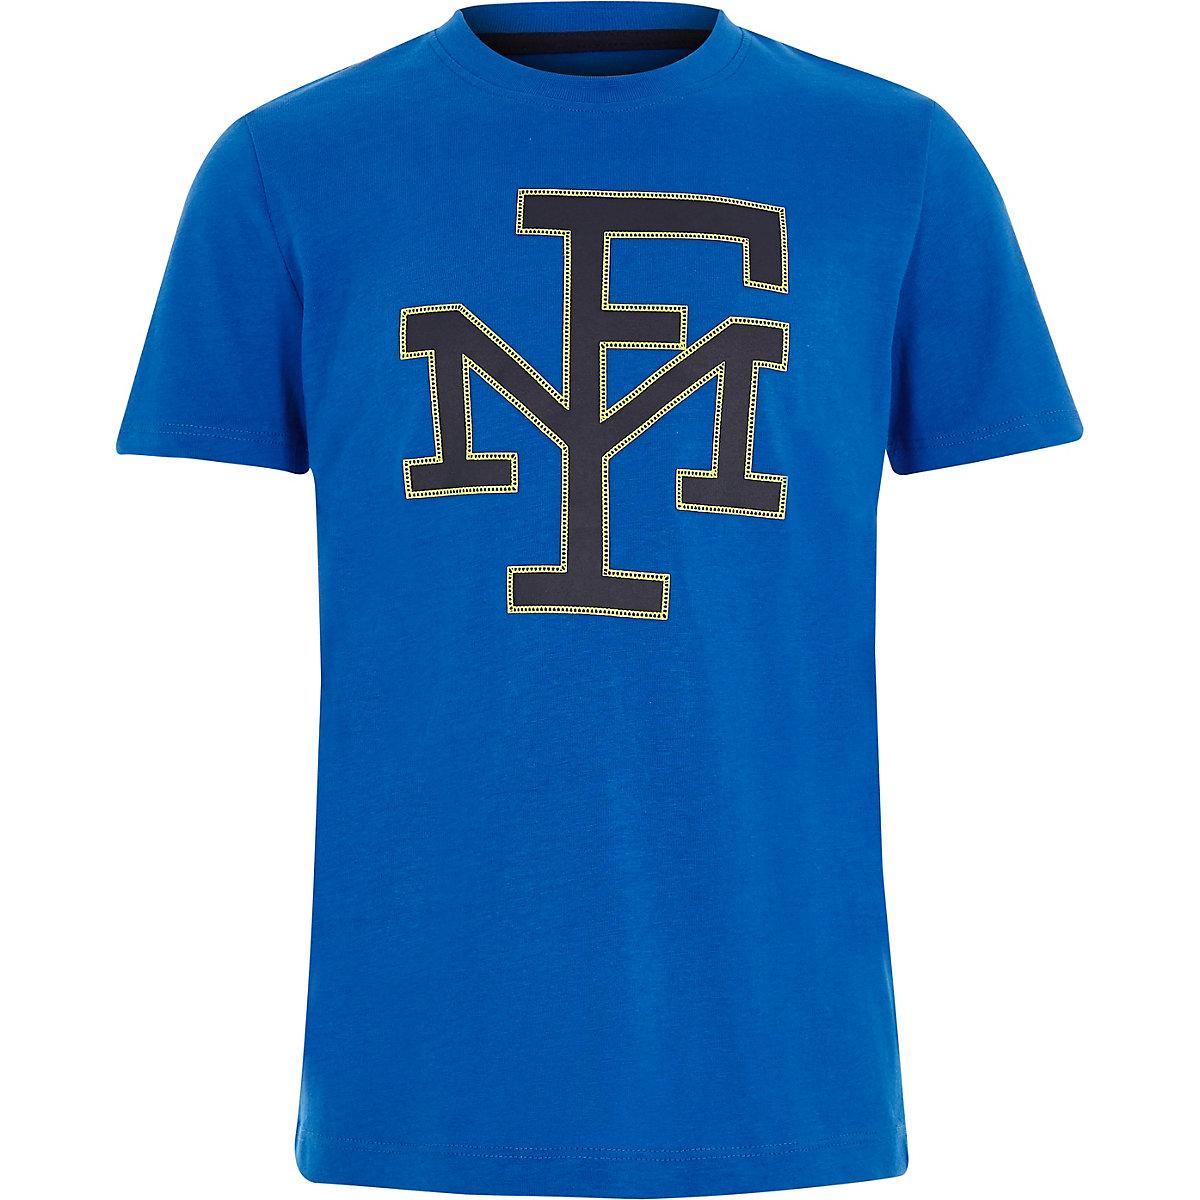 Franklin & Marshall – T-shirt bleu pour garçon